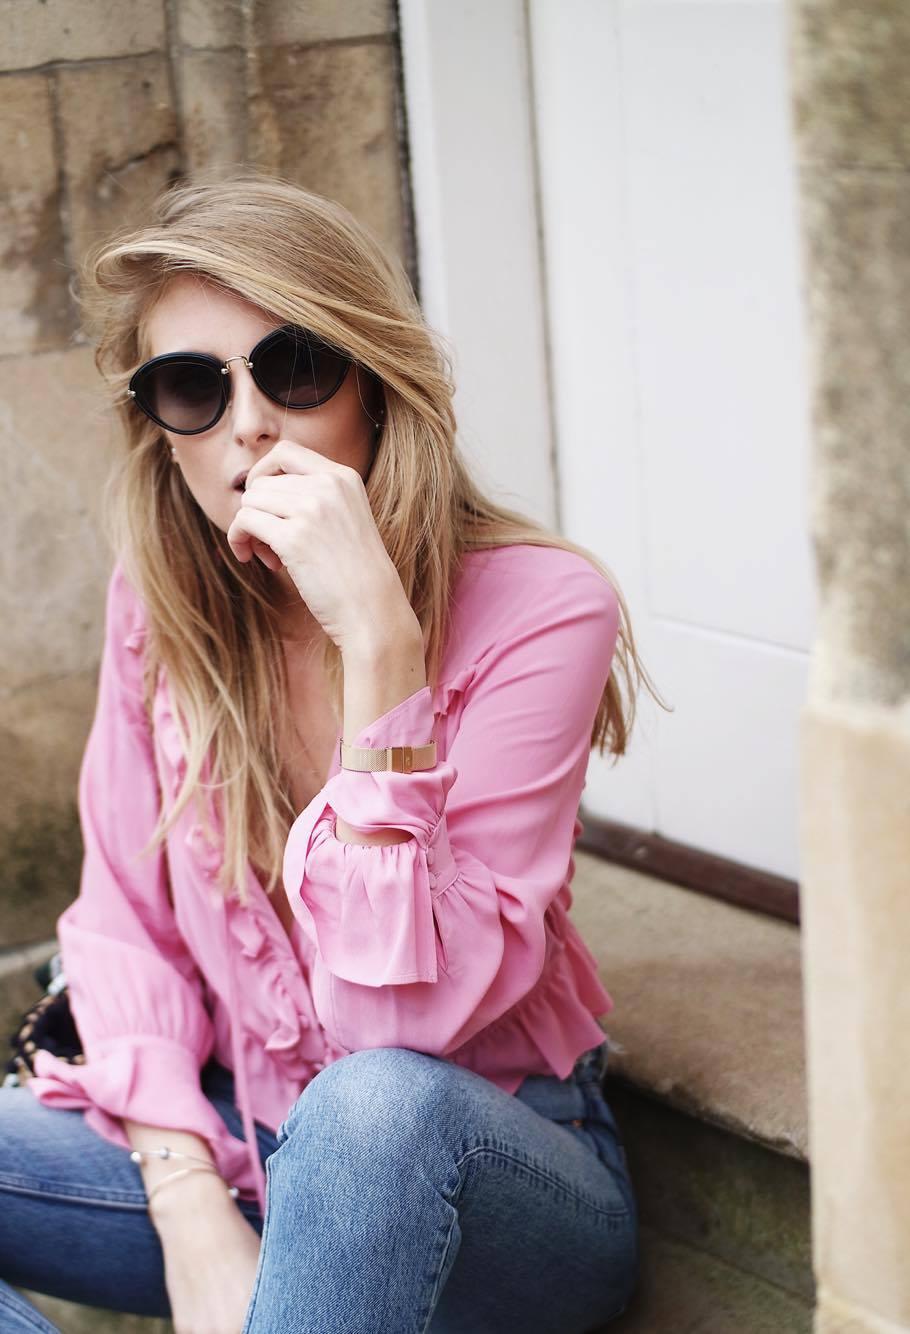 7c0fb1fcafd Coachella Vibes - Miu Miu Sunglasses